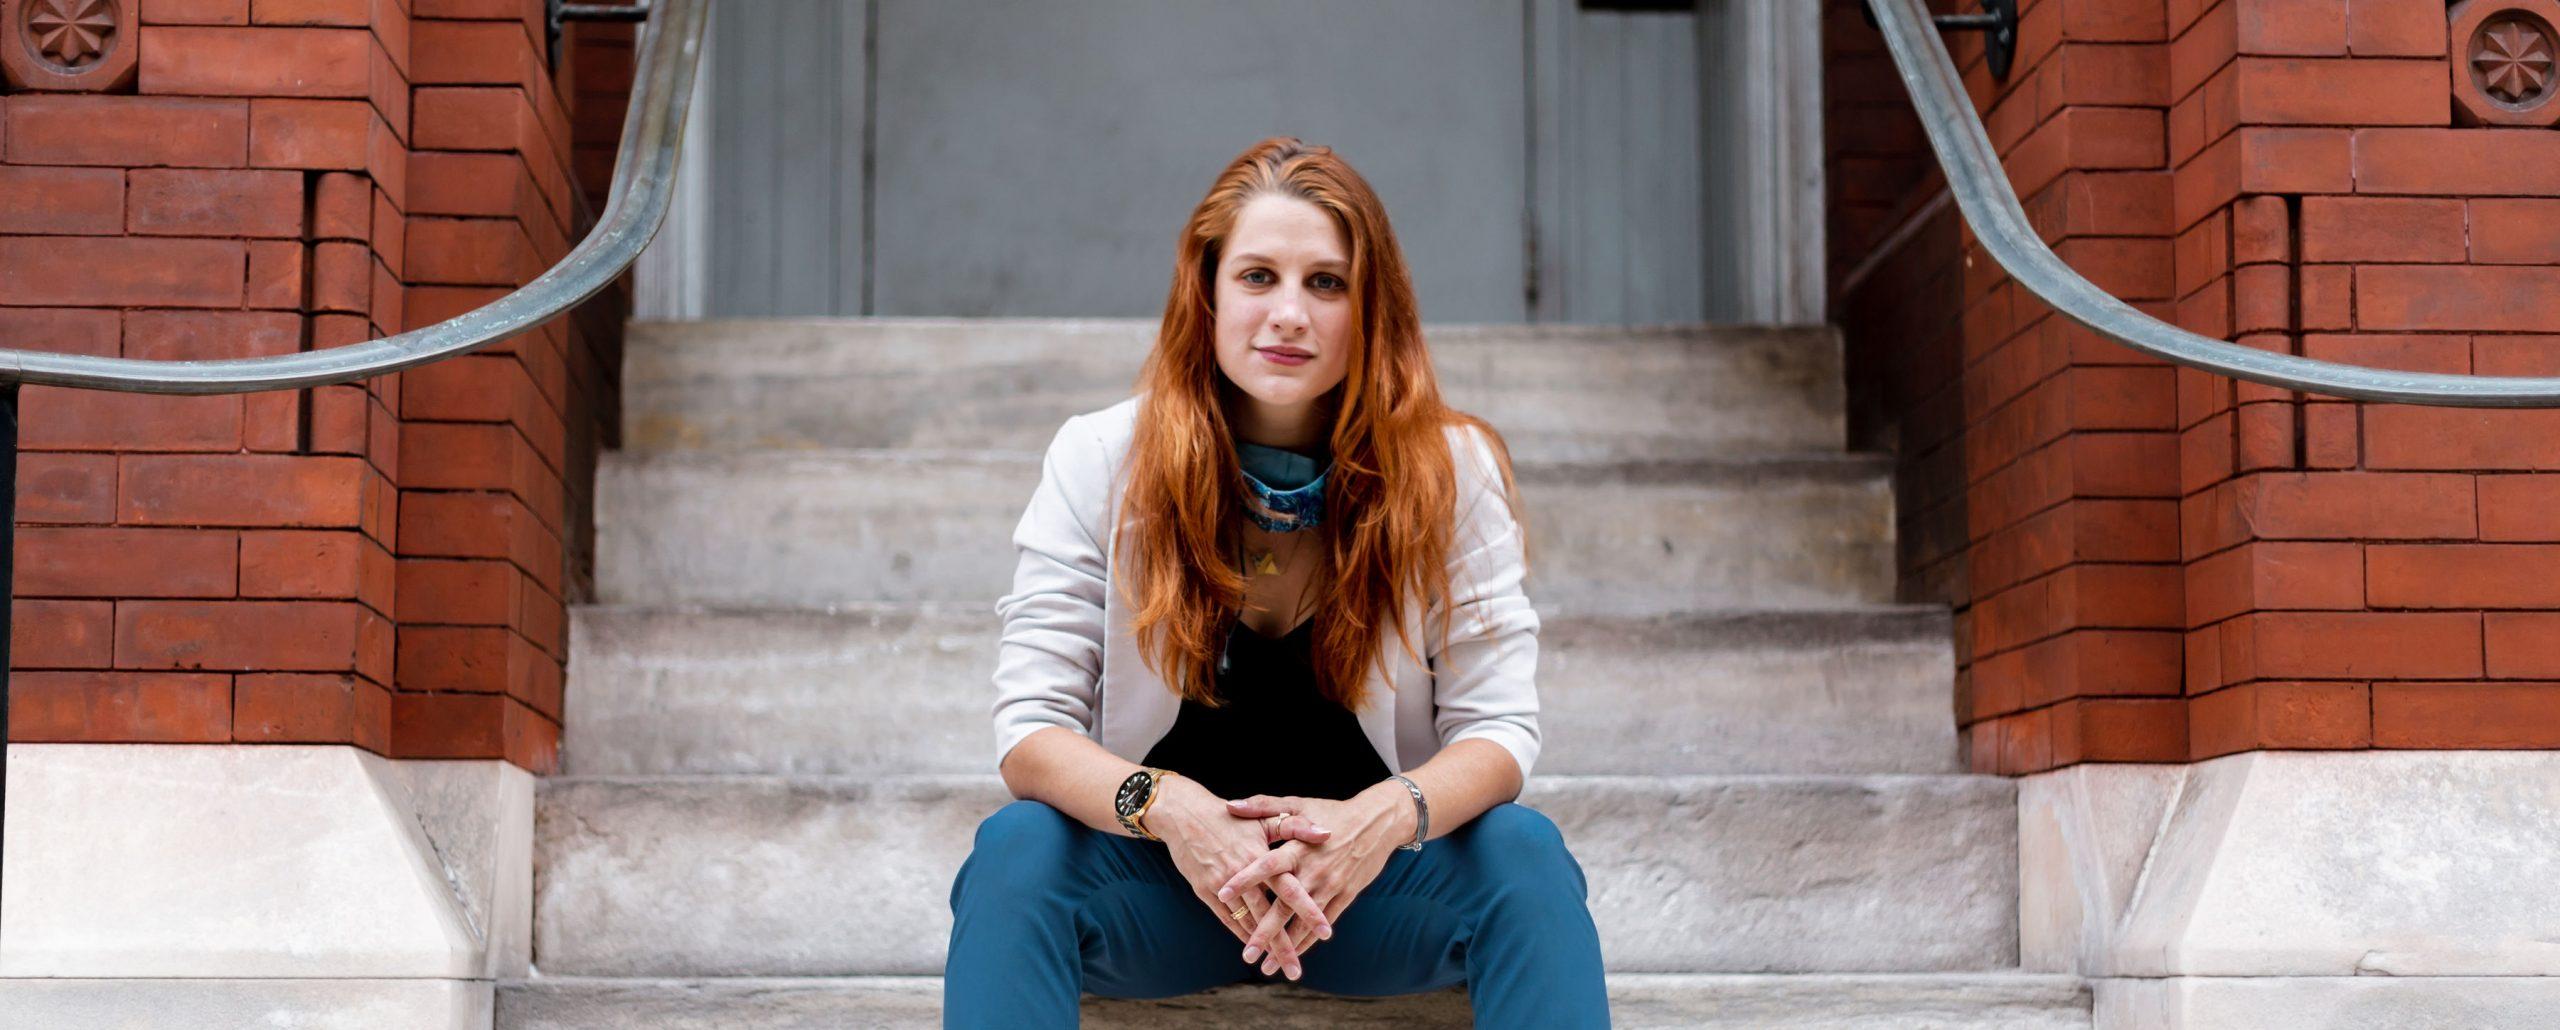 PA-11 - Sarah Hammond